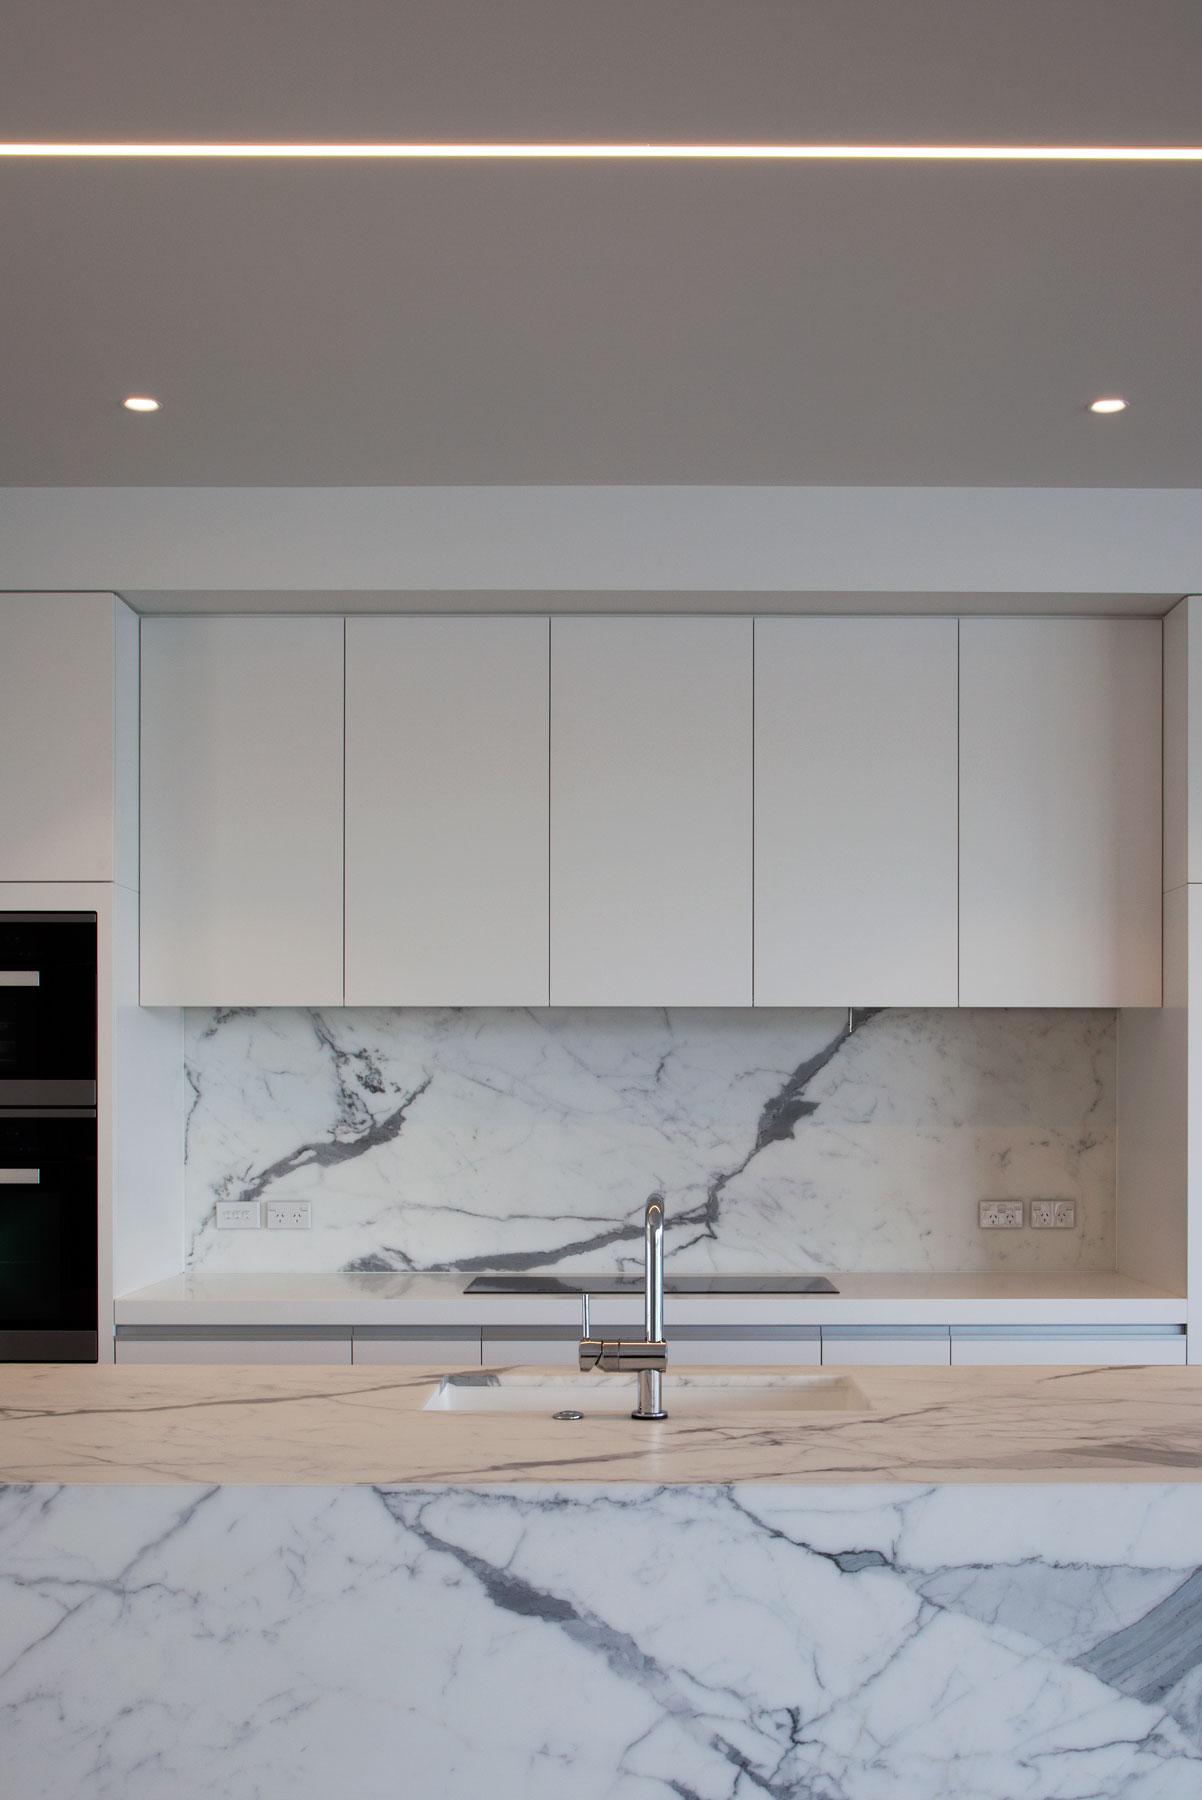 N Leuschke Kahn Architects Kitchen IMG_4377A.jpg